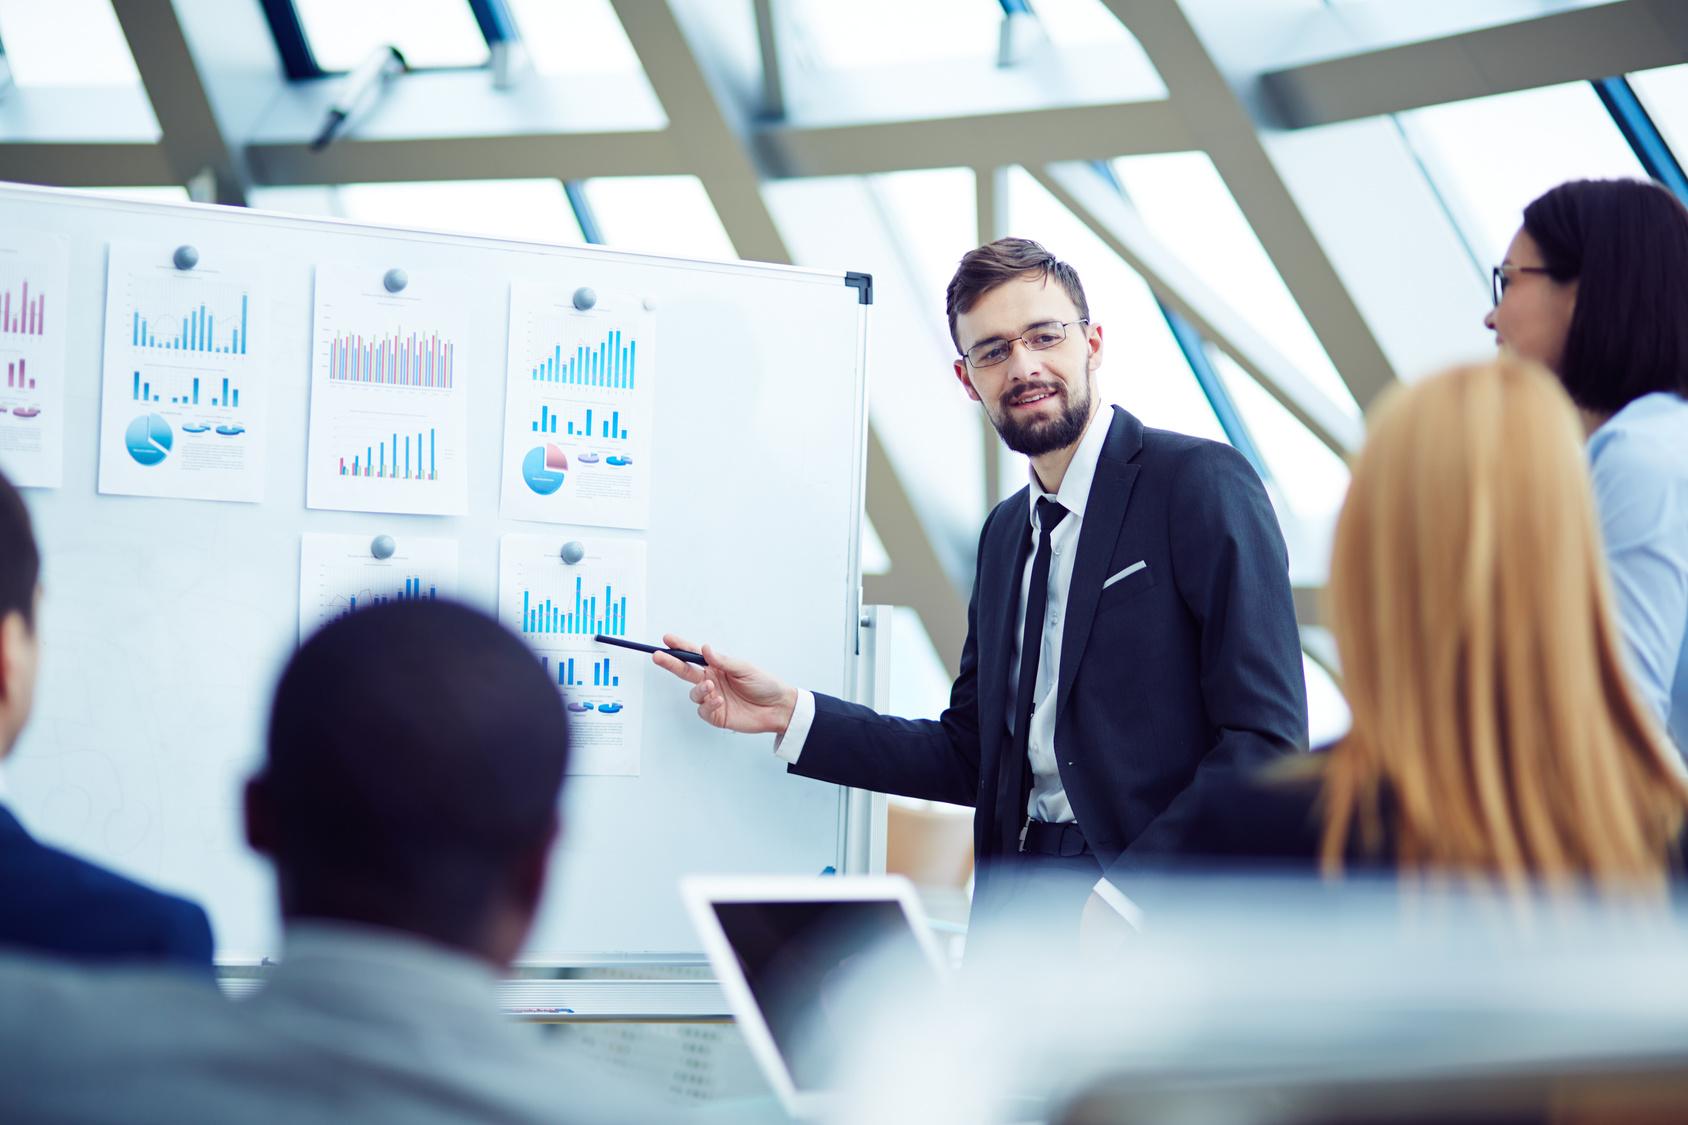 Μεταπτυχιακό πρόγραμμα επαγγελματικής εξειδίκευσης στη Διοίκηση Πωλήσεων.